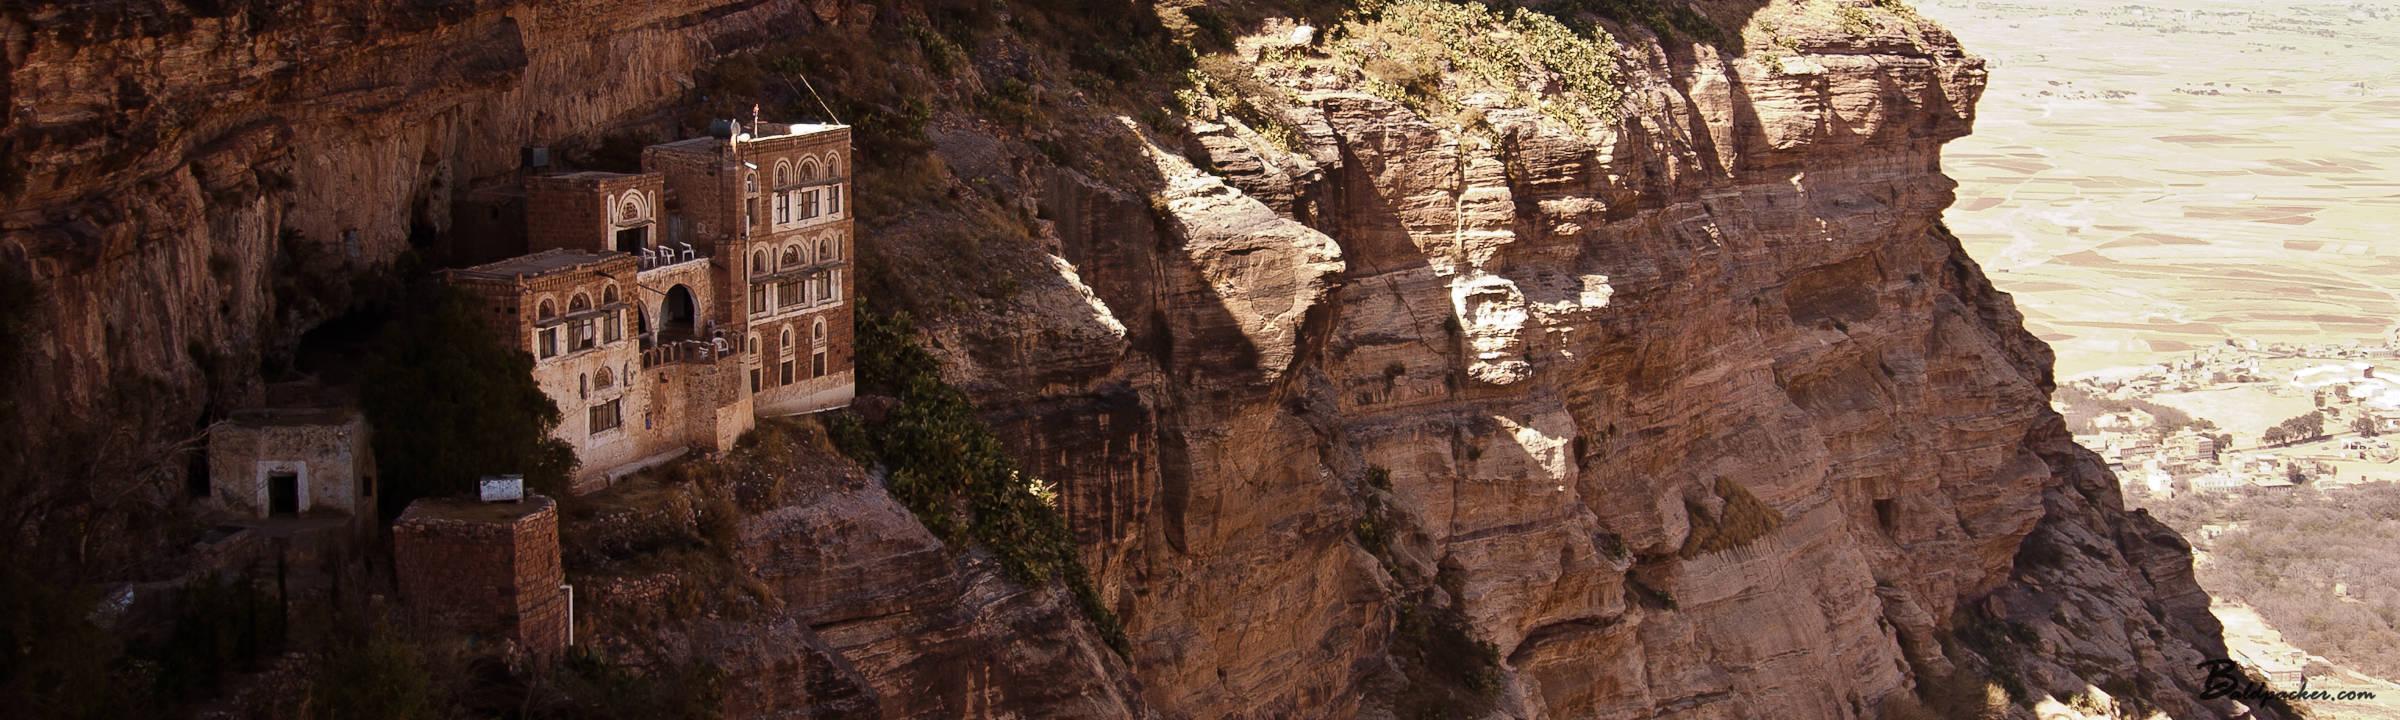 Yemen: Wadi Dhahr and Kawkaban to Shibam